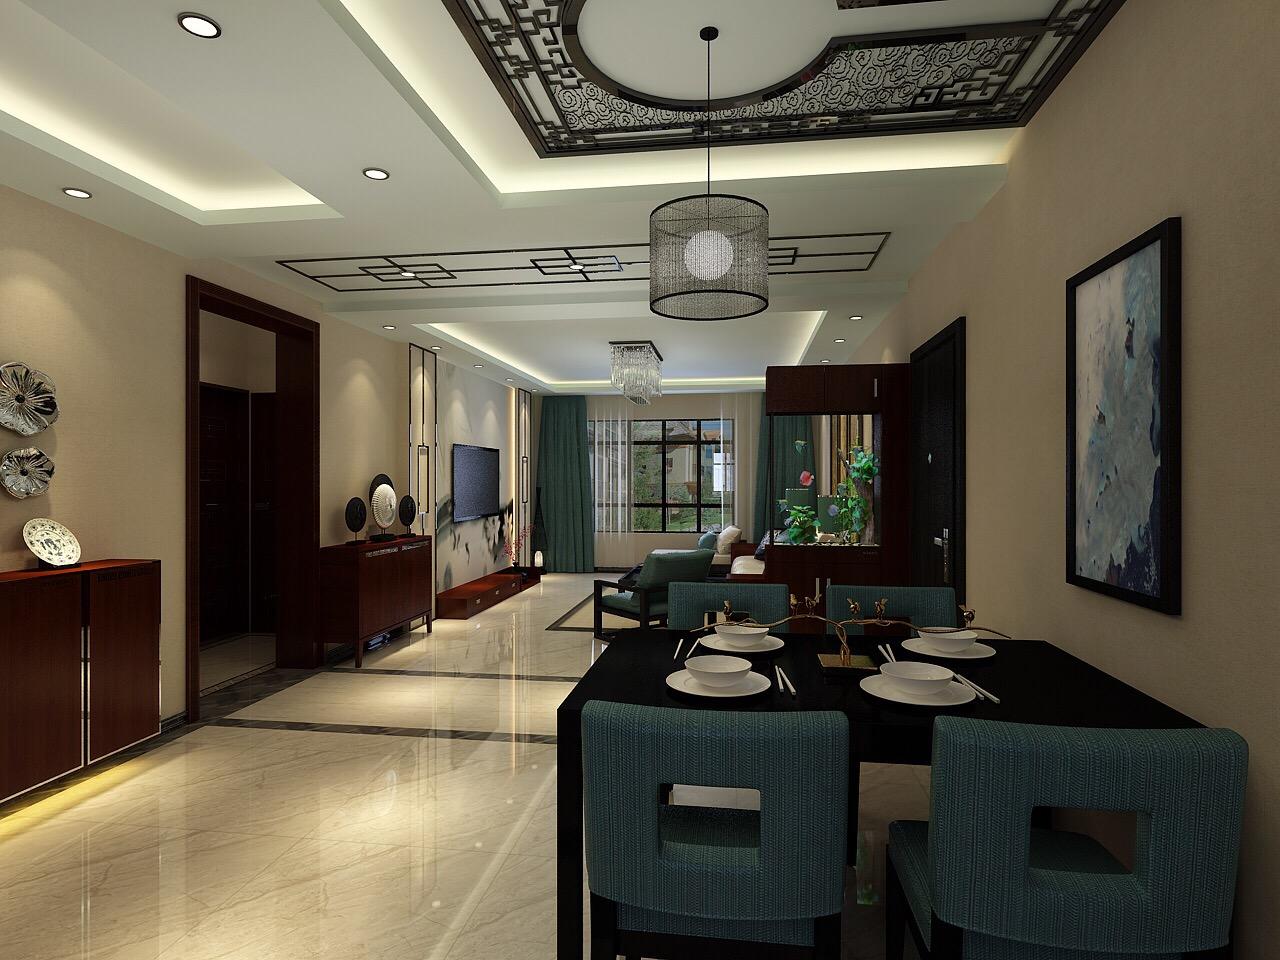 餐厅与客厅相结合看着空间很大的